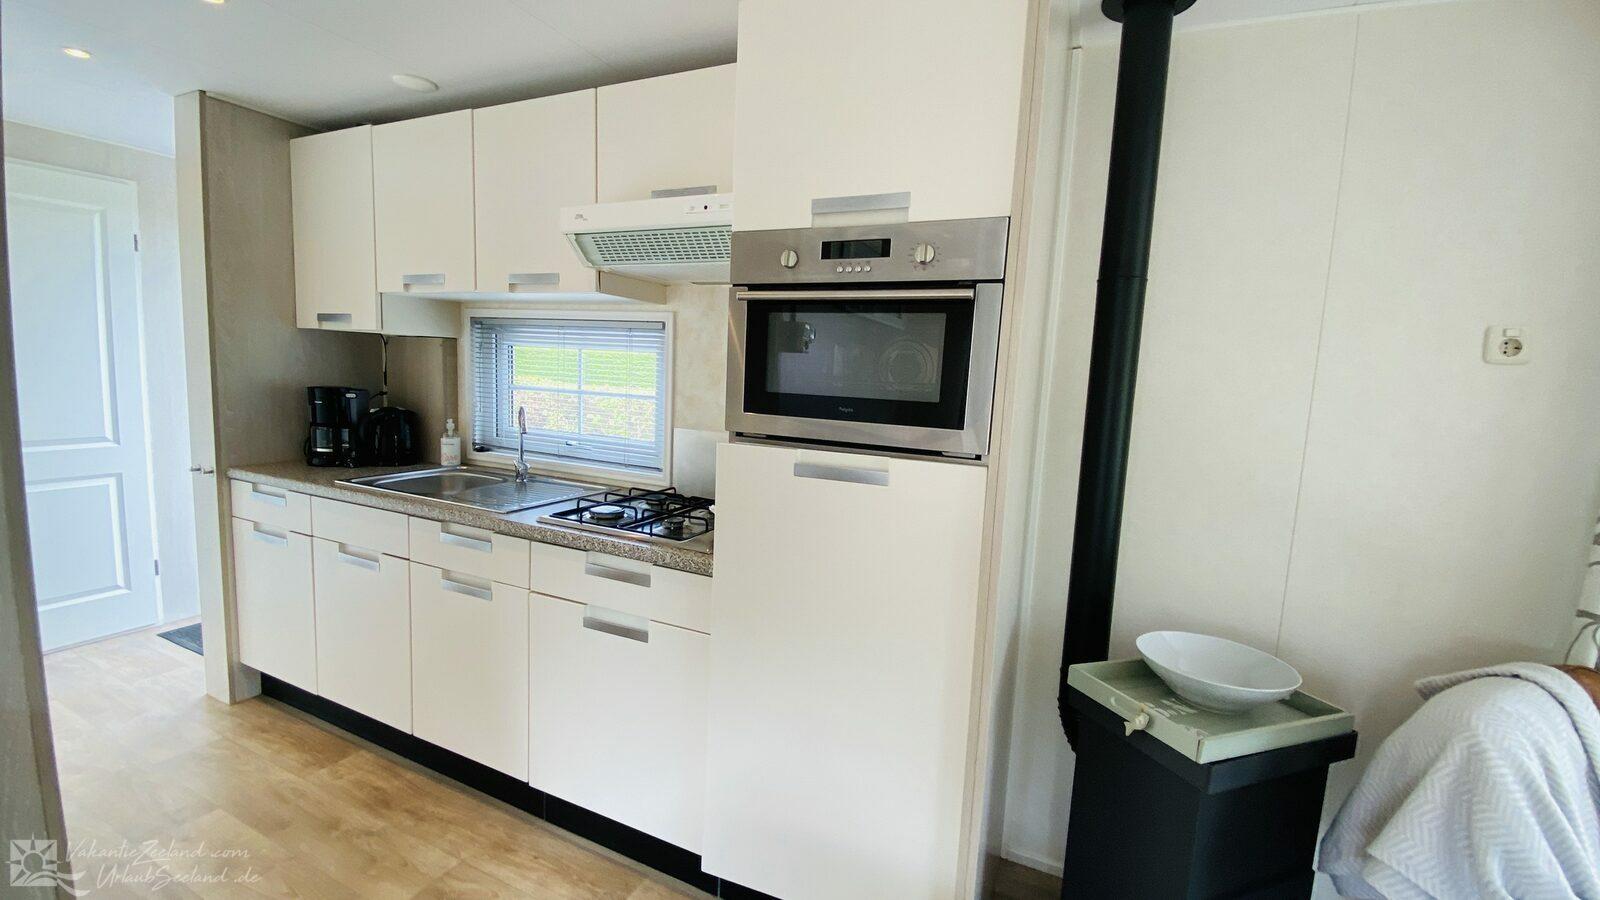 VZ539-Ferienhaus in Ouwerkerk